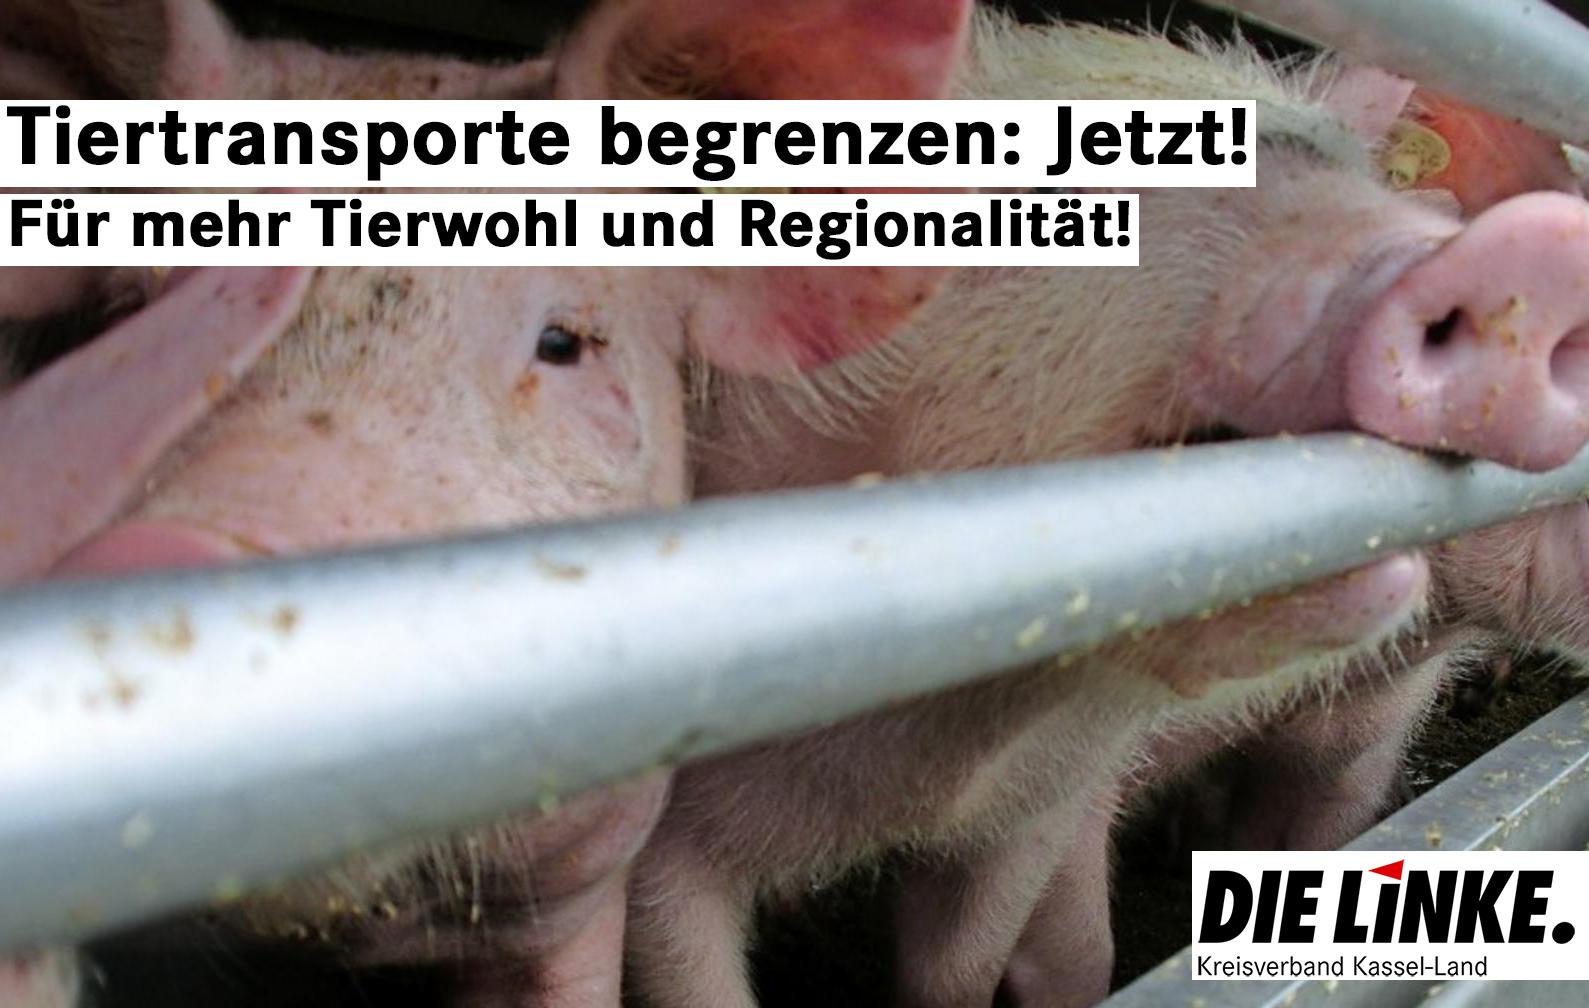 Tiertransporte begrenzen: Tierwohl und Regionalität fördern!